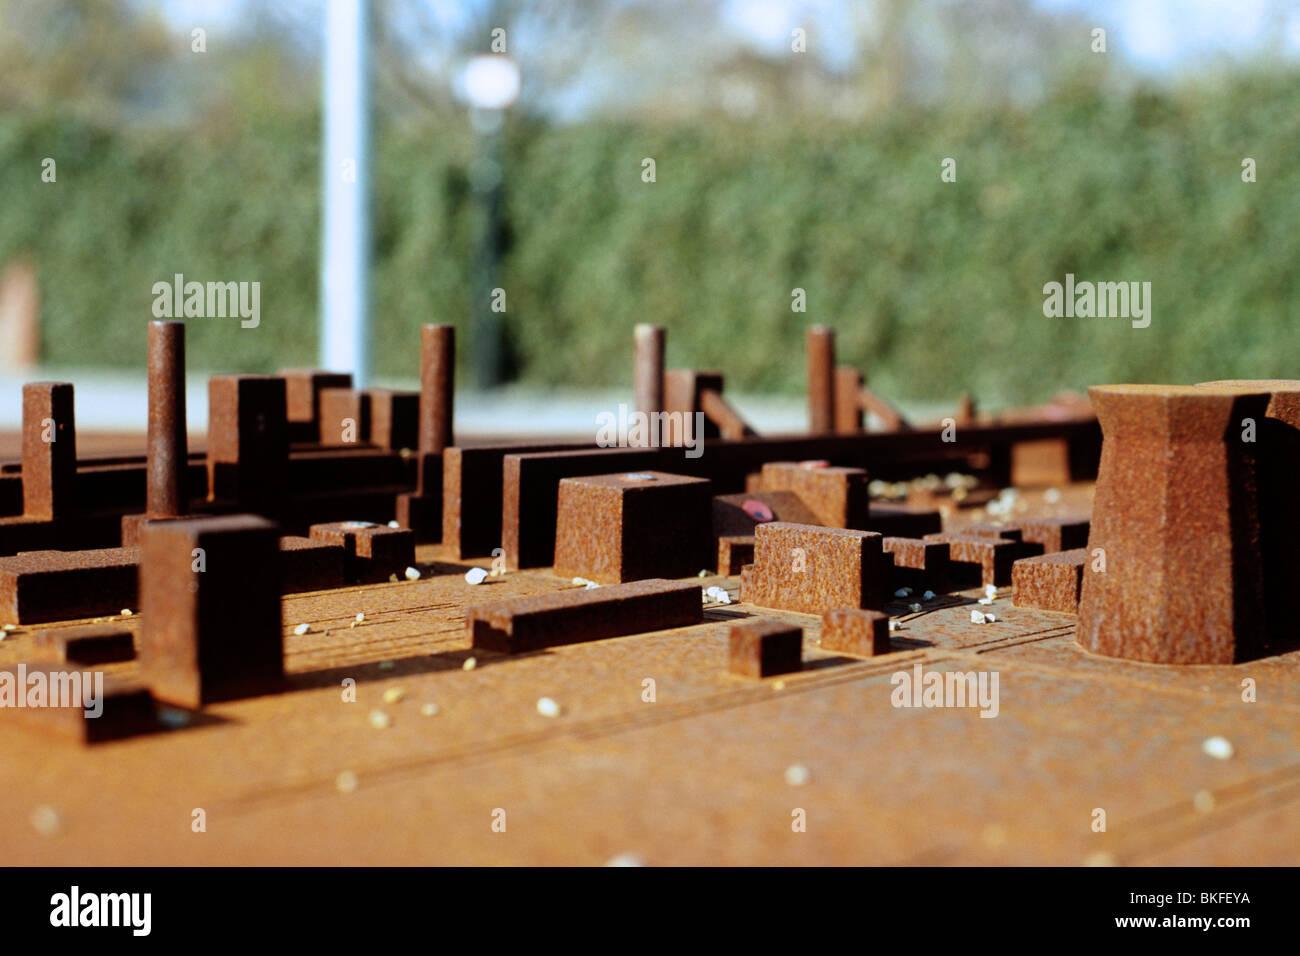 Sculpture depicting the Zeche Zollverein coal mine, Essen - Stock Image